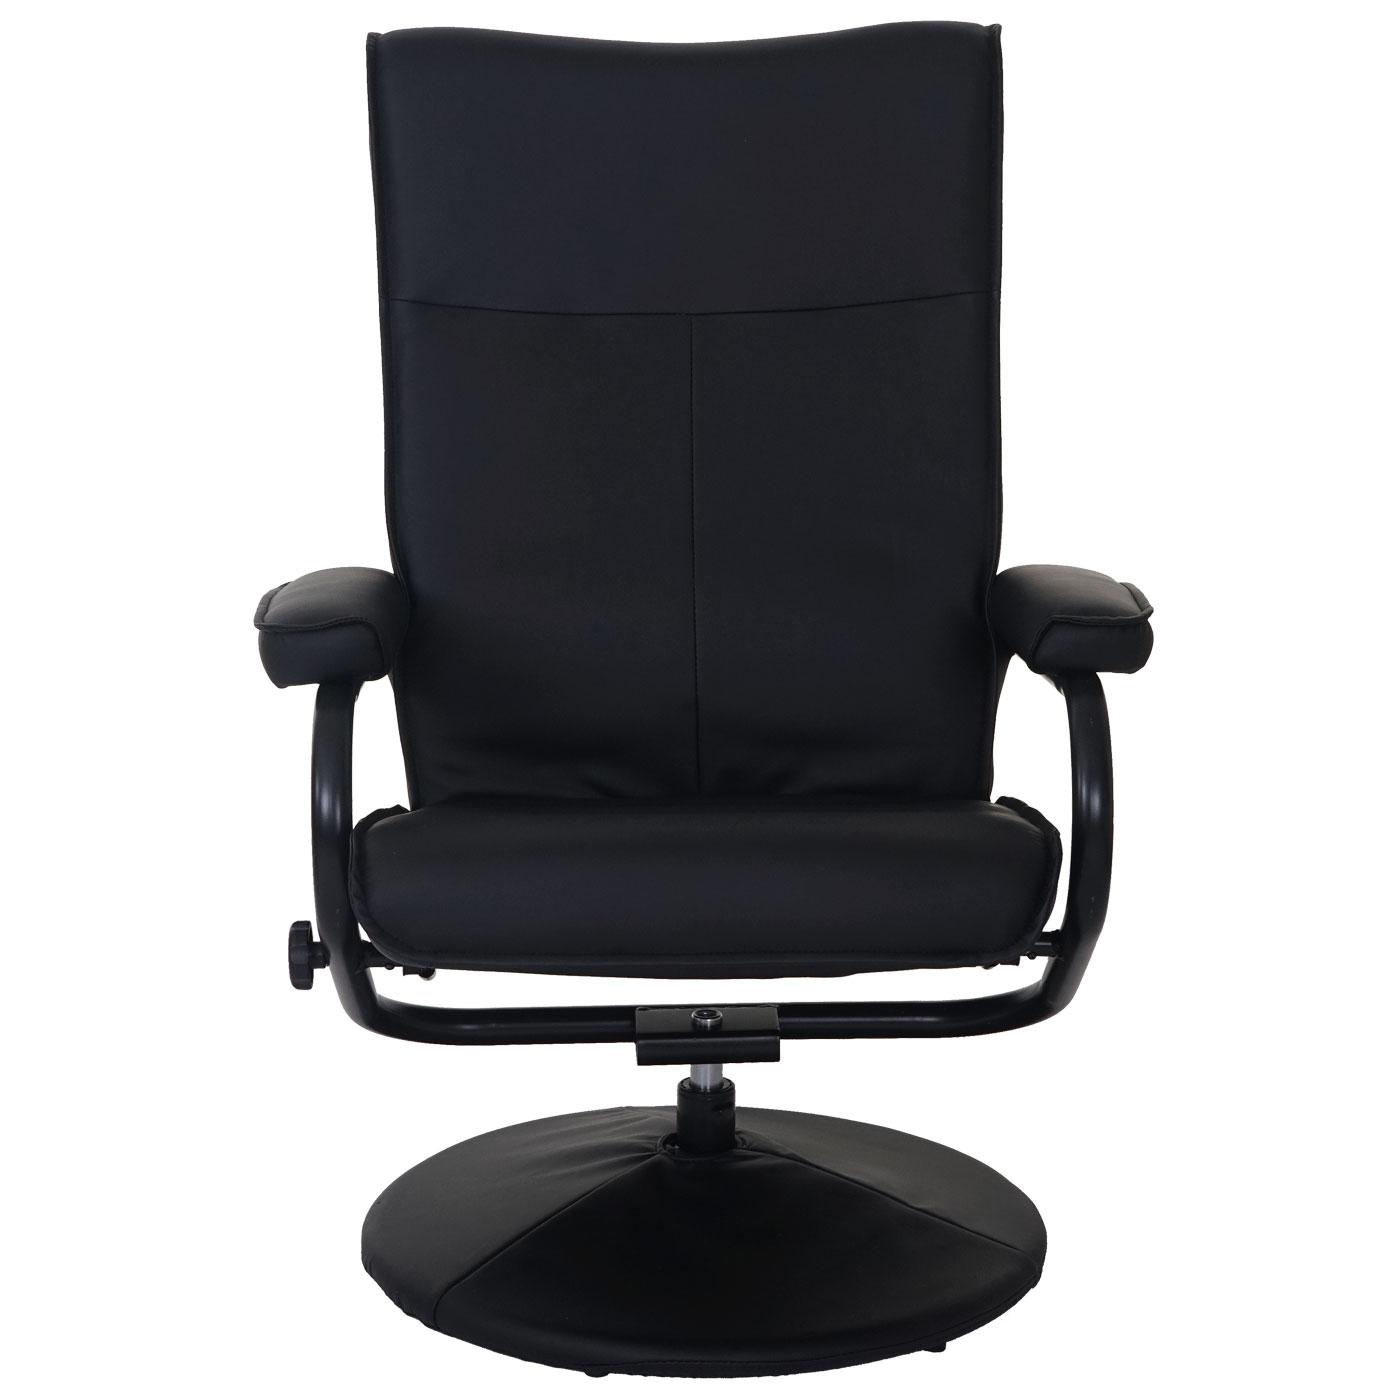 fauteuil relax leeds fauteuil de t l vision avec tabouret similicuir noir ebay. Black Bedroom Furniture Sets. Home Design Ideas